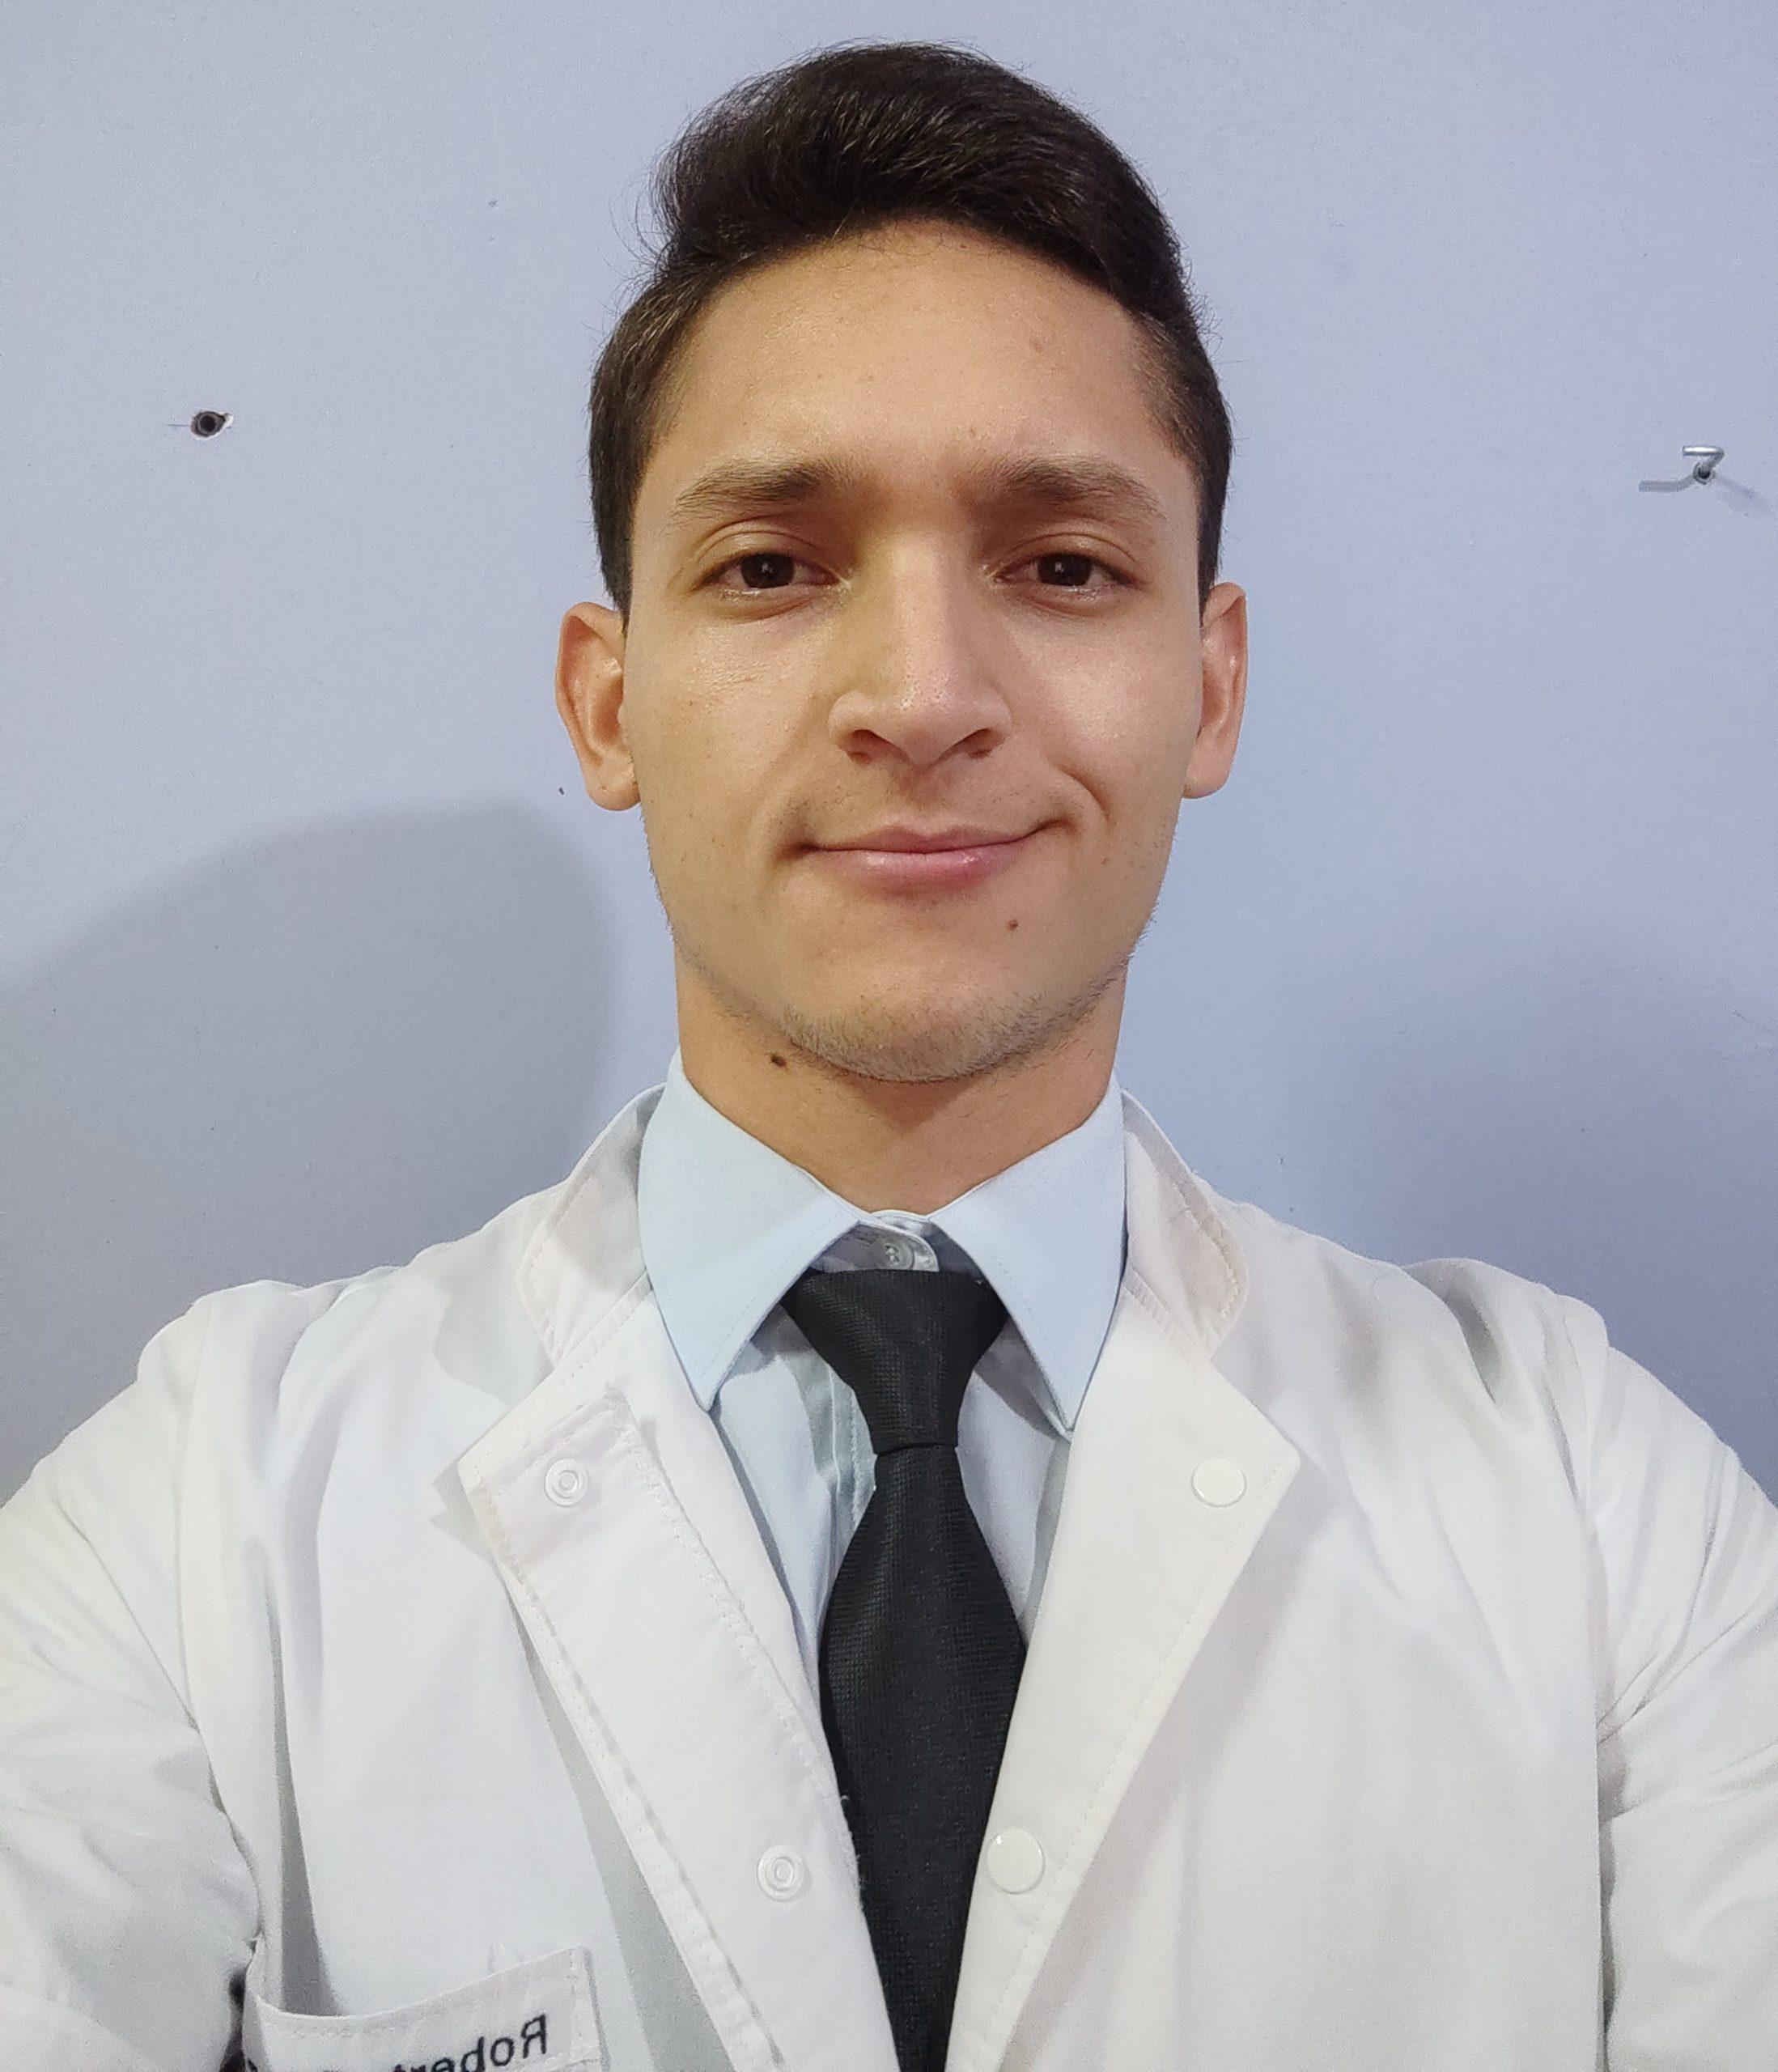 Univ. Robert Ronaldo González Martínez